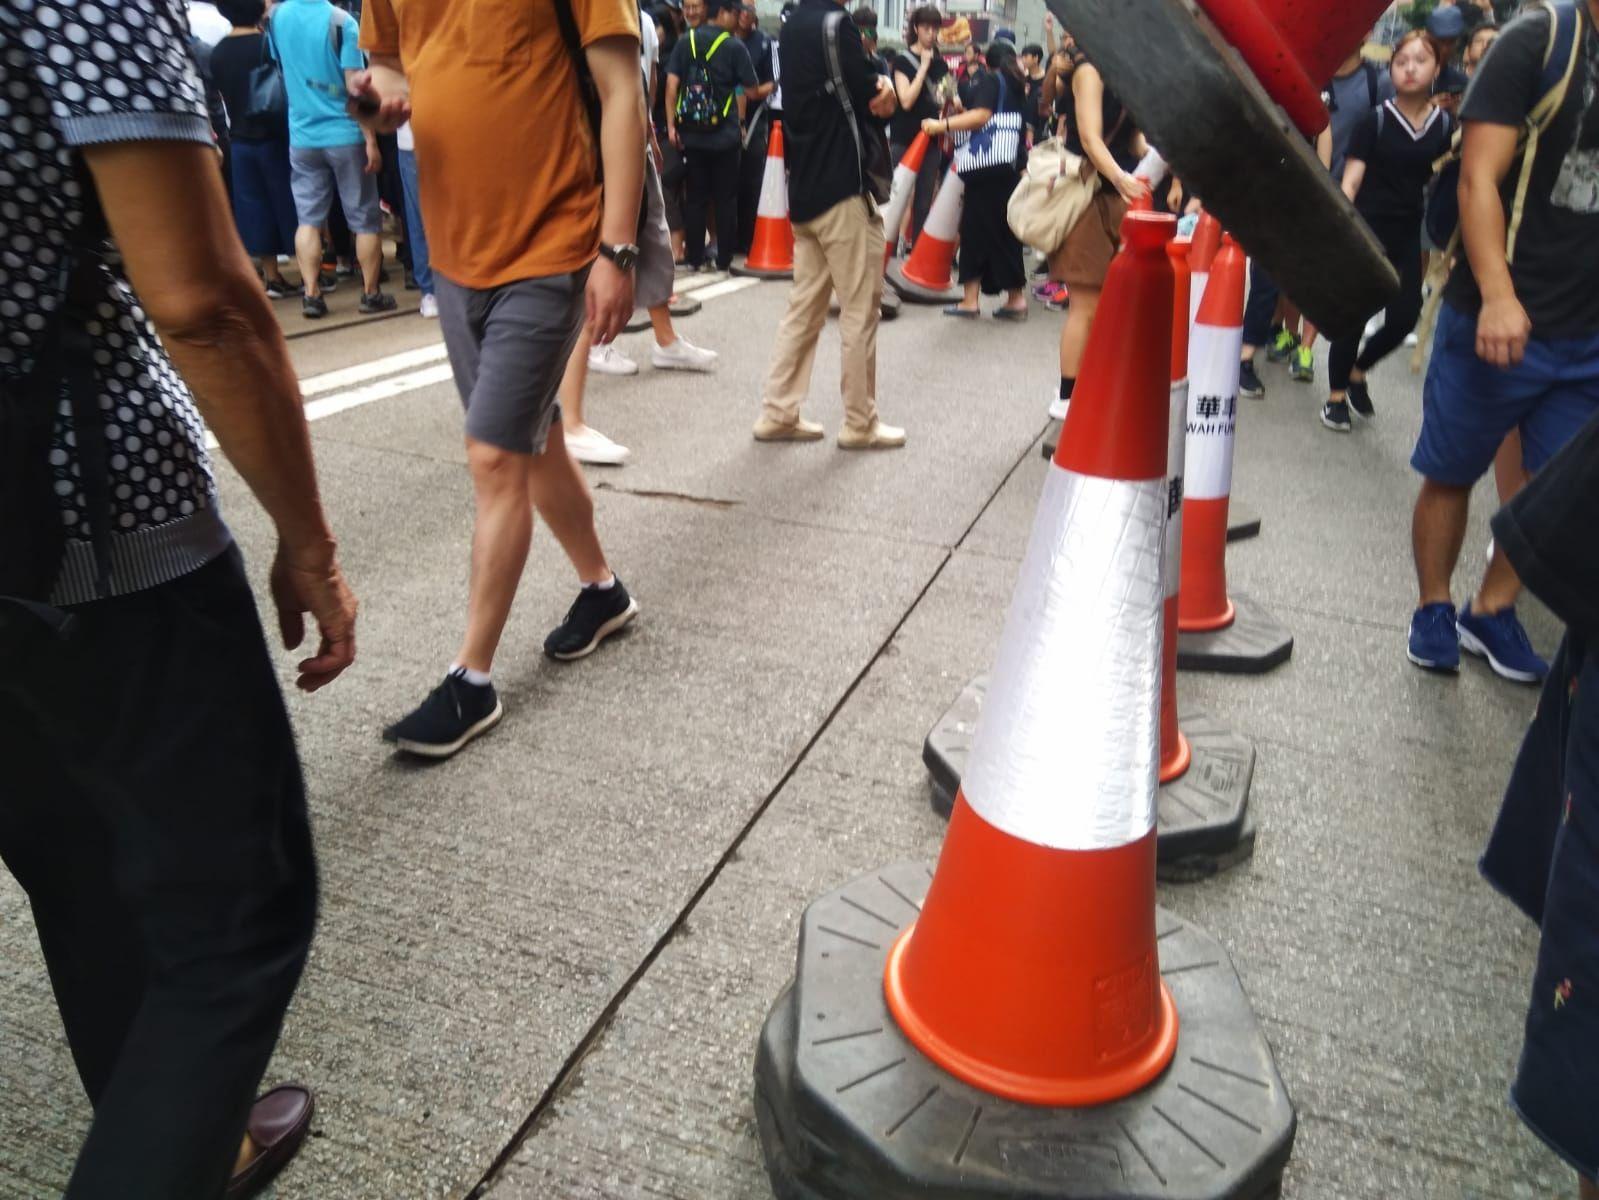 由於相反方向的遊行重疊,有市民將置於電車路旁的雪糕筒移開開路。